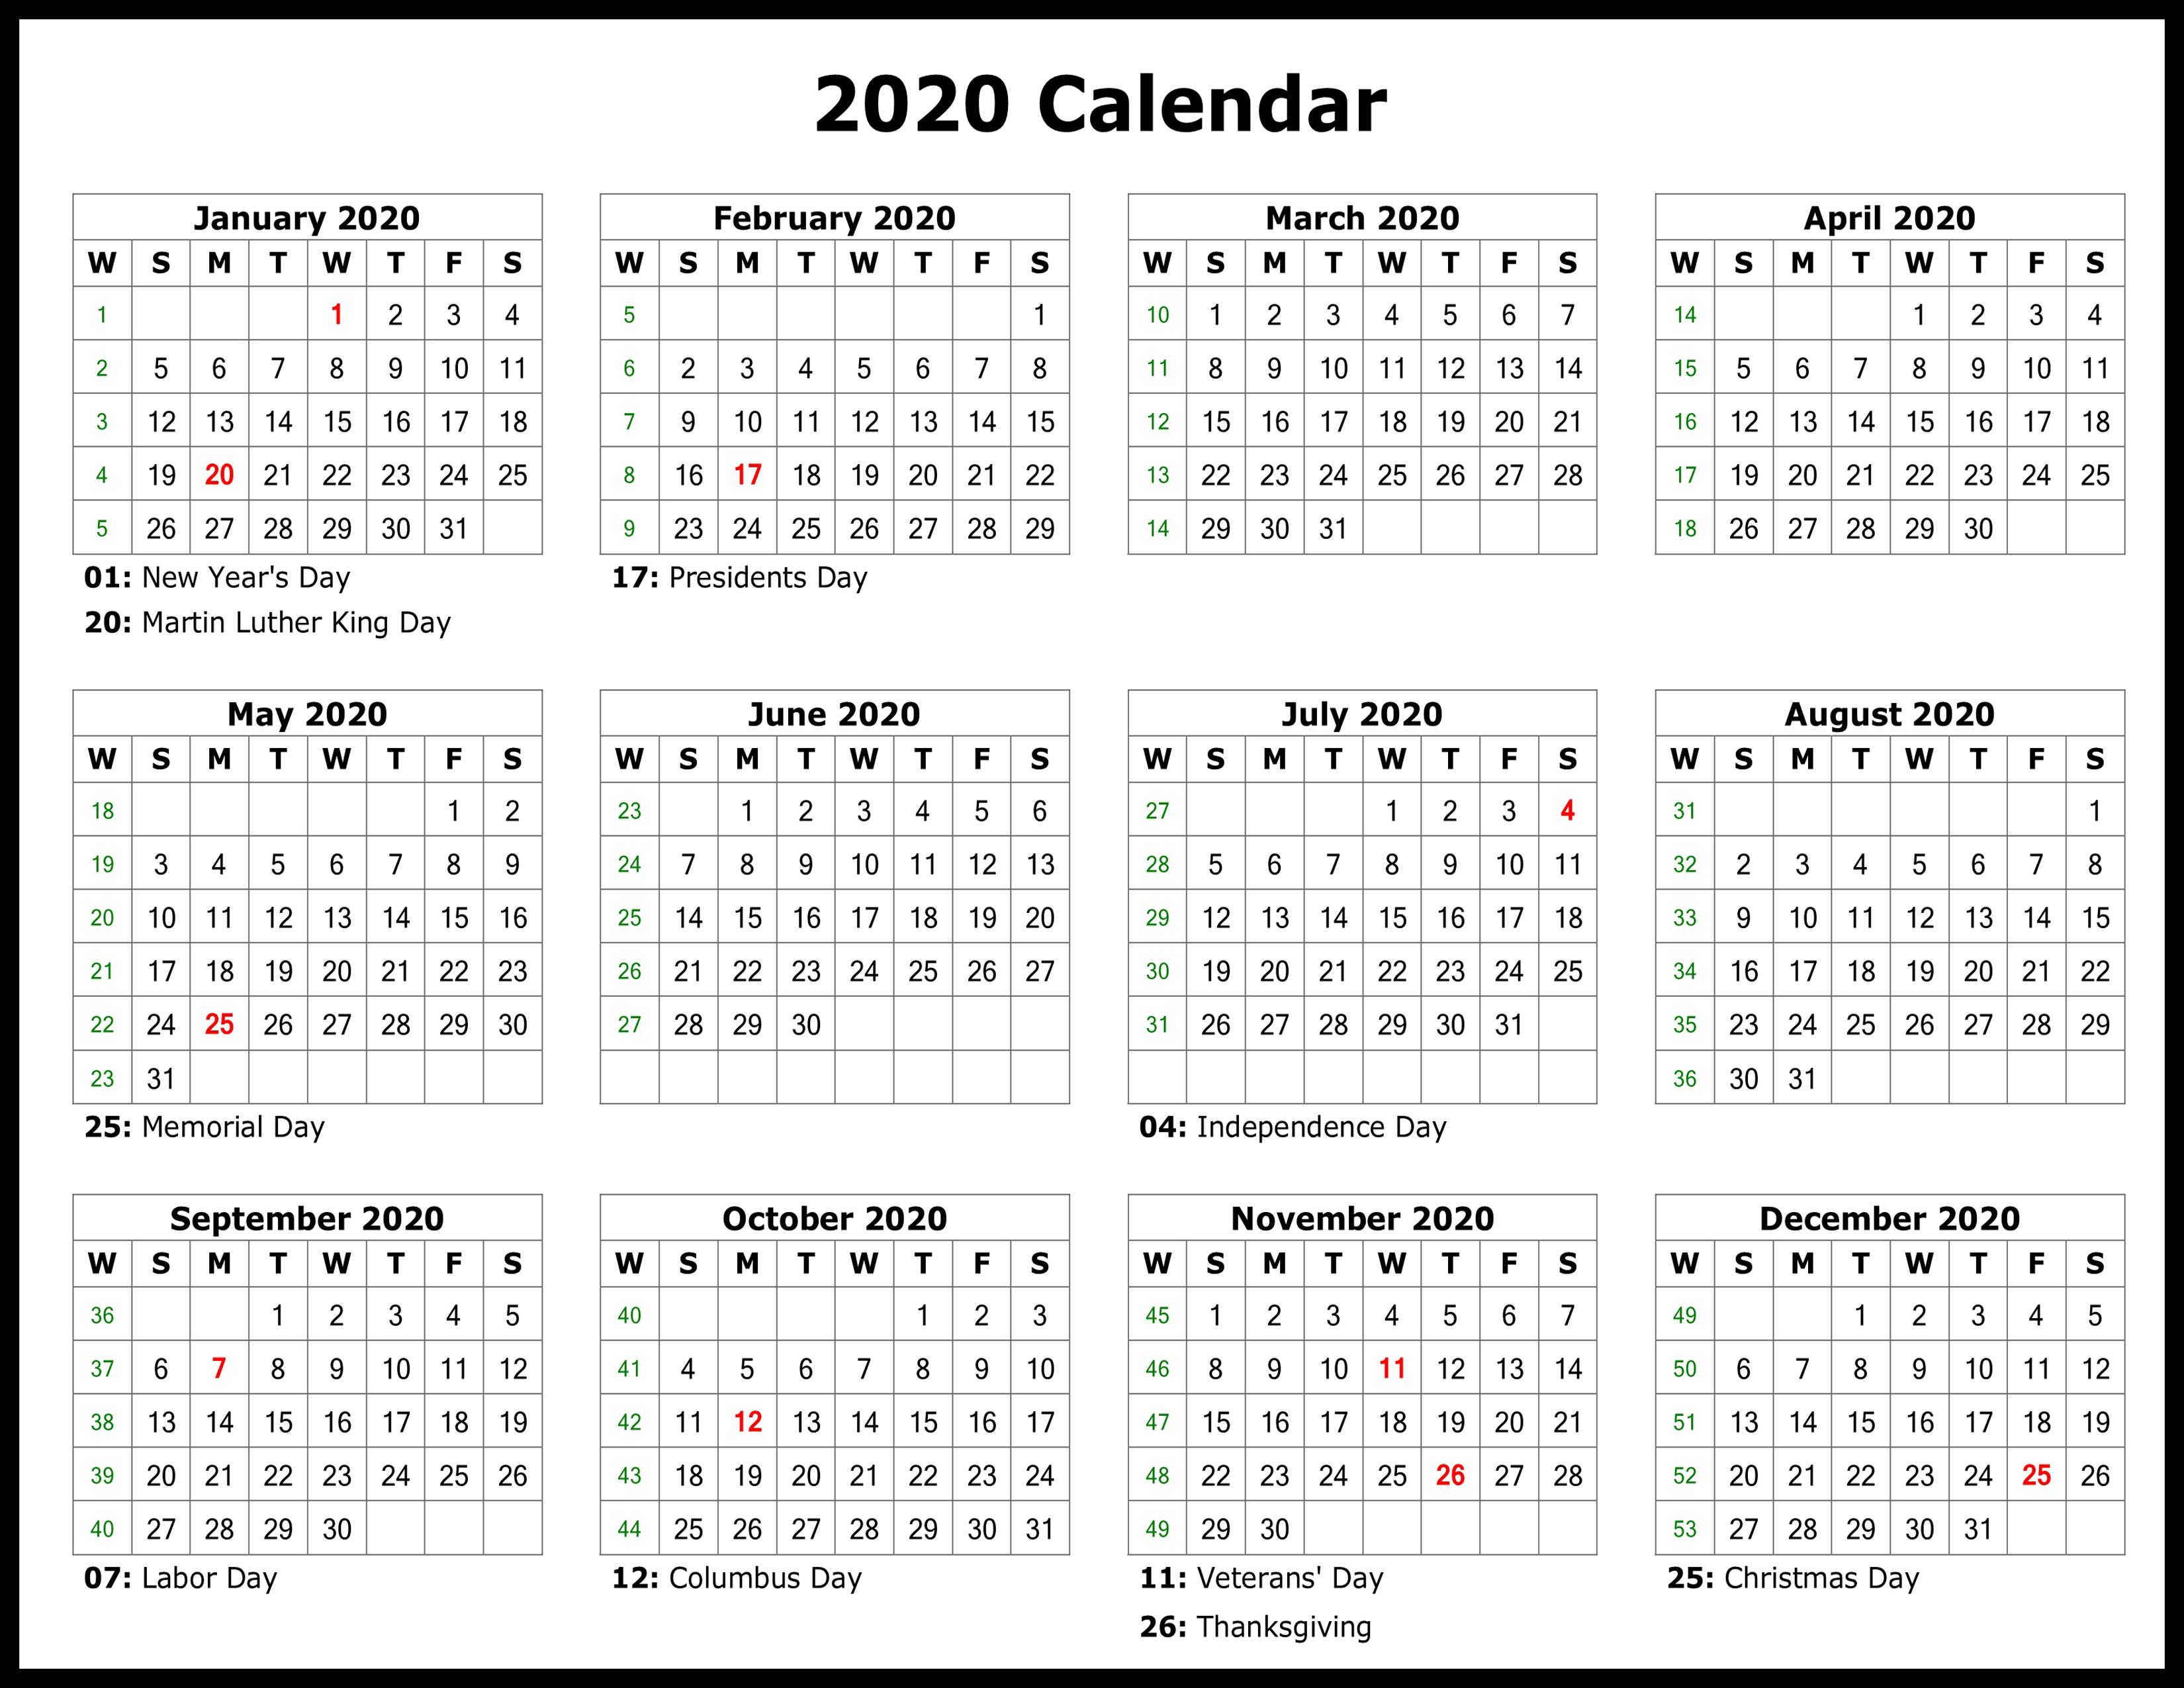 Free Printable Calendar 2020 Template In Pdf, Word, Excel inside 2020 Etited Calendar